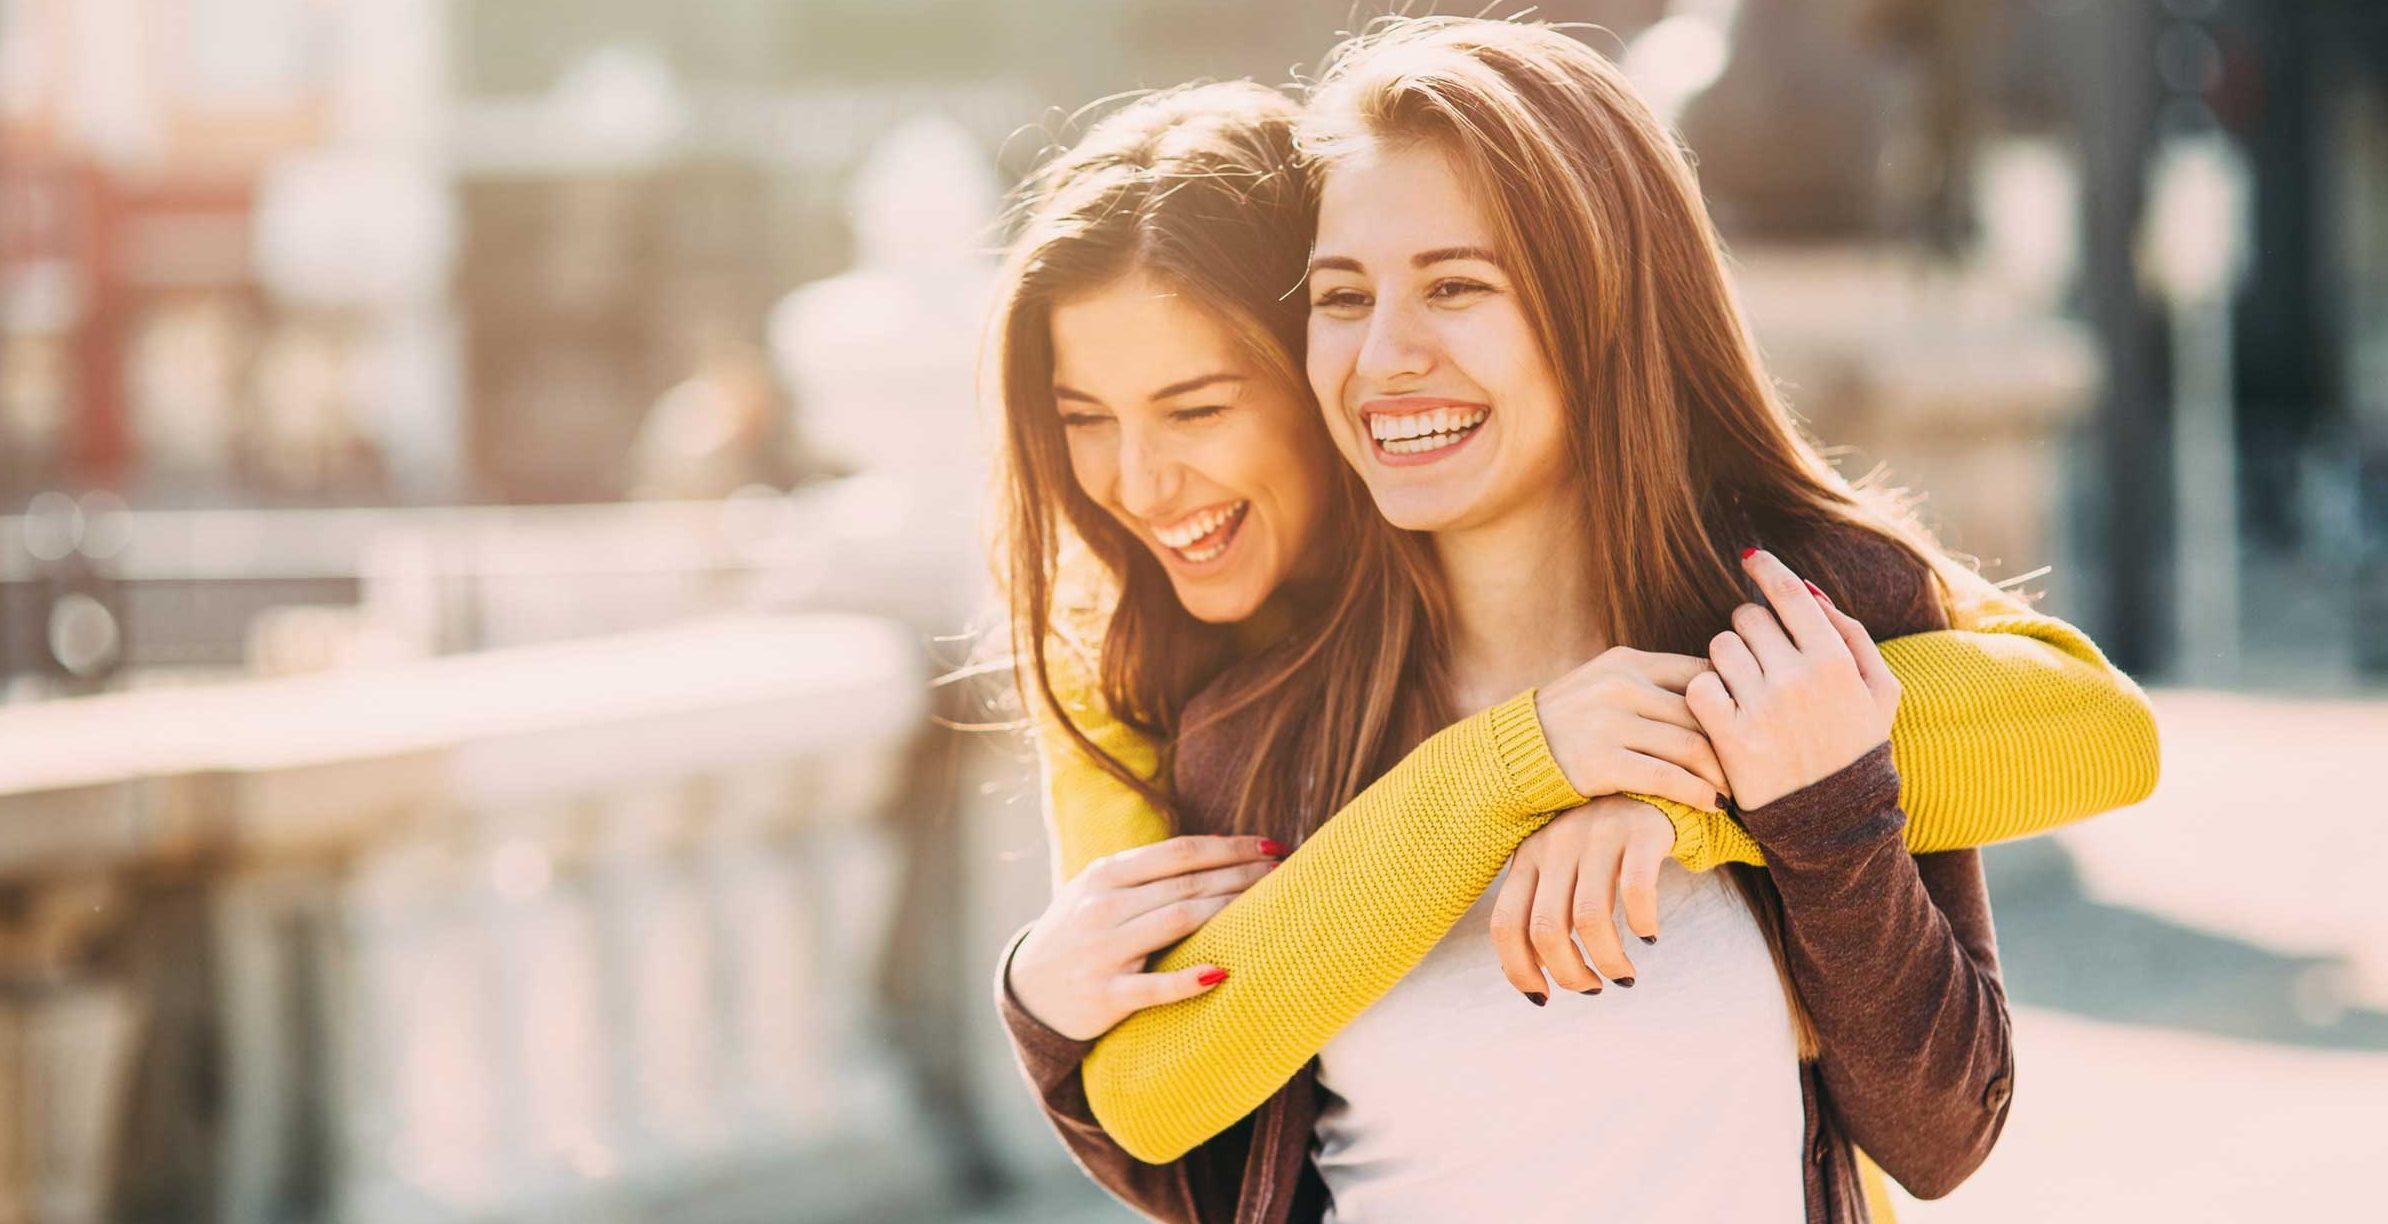 Il tempo che serve per diventare migliori amici